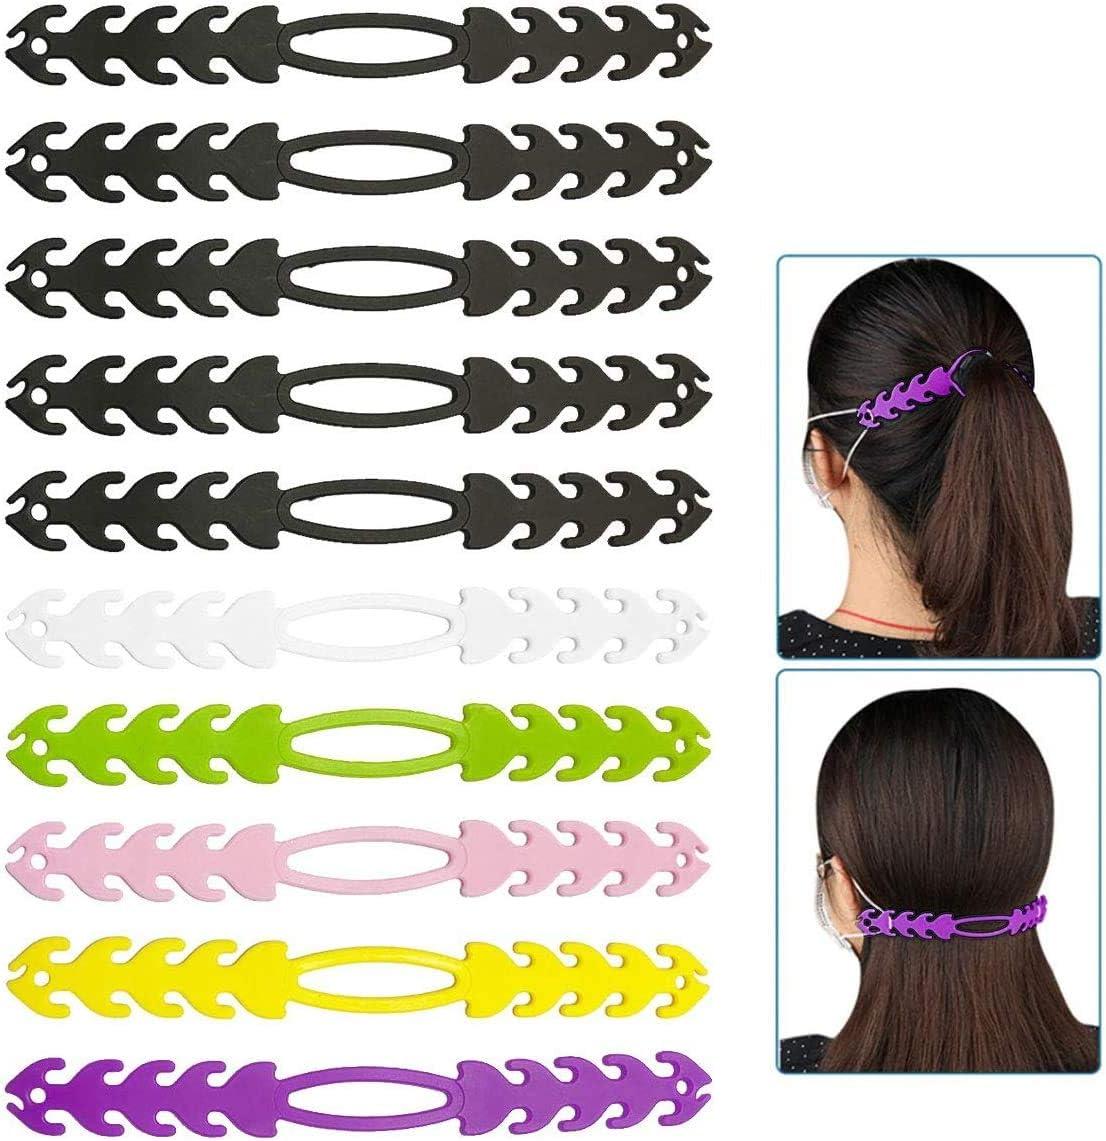 ajuste duradero protector de o/ído ajustable multicolor hebilla de extensi/ón para ni/ños y adultos 12 piezas LZYMSZ antiapriete de la oreja Extensor de correa de silicona para la cara